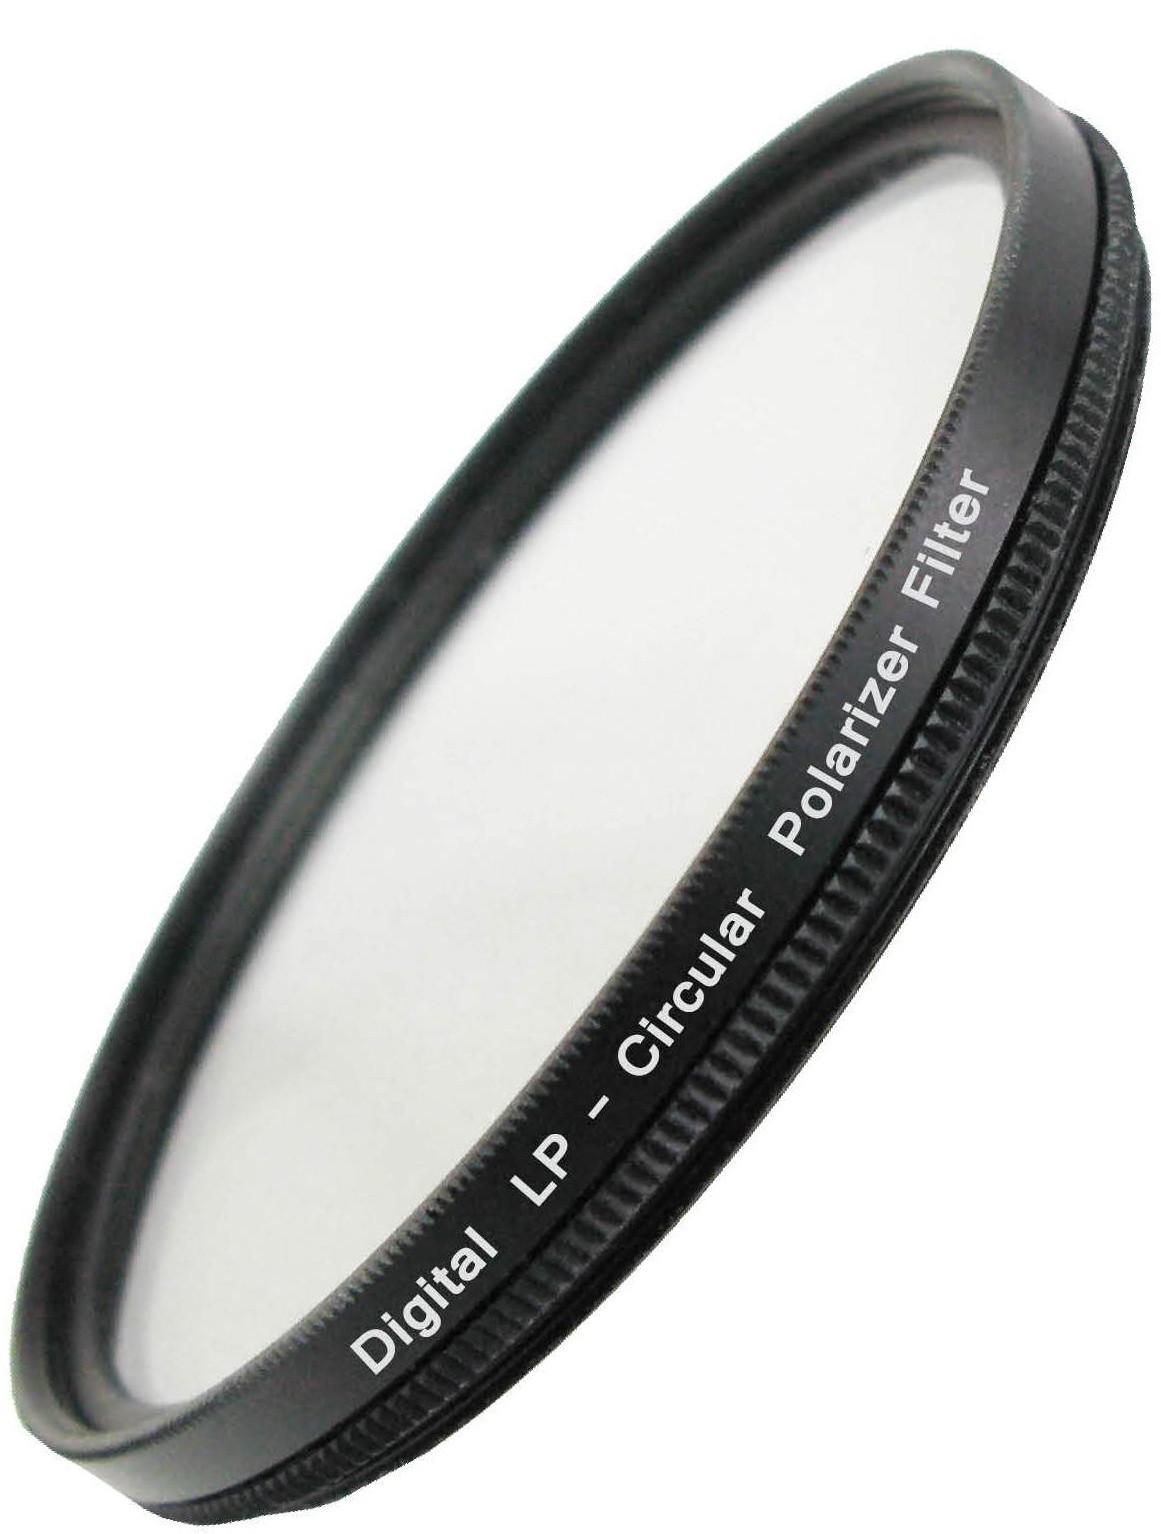 Четвертый способ уменьшить блики в объективе - использование поляризационного фильтра.